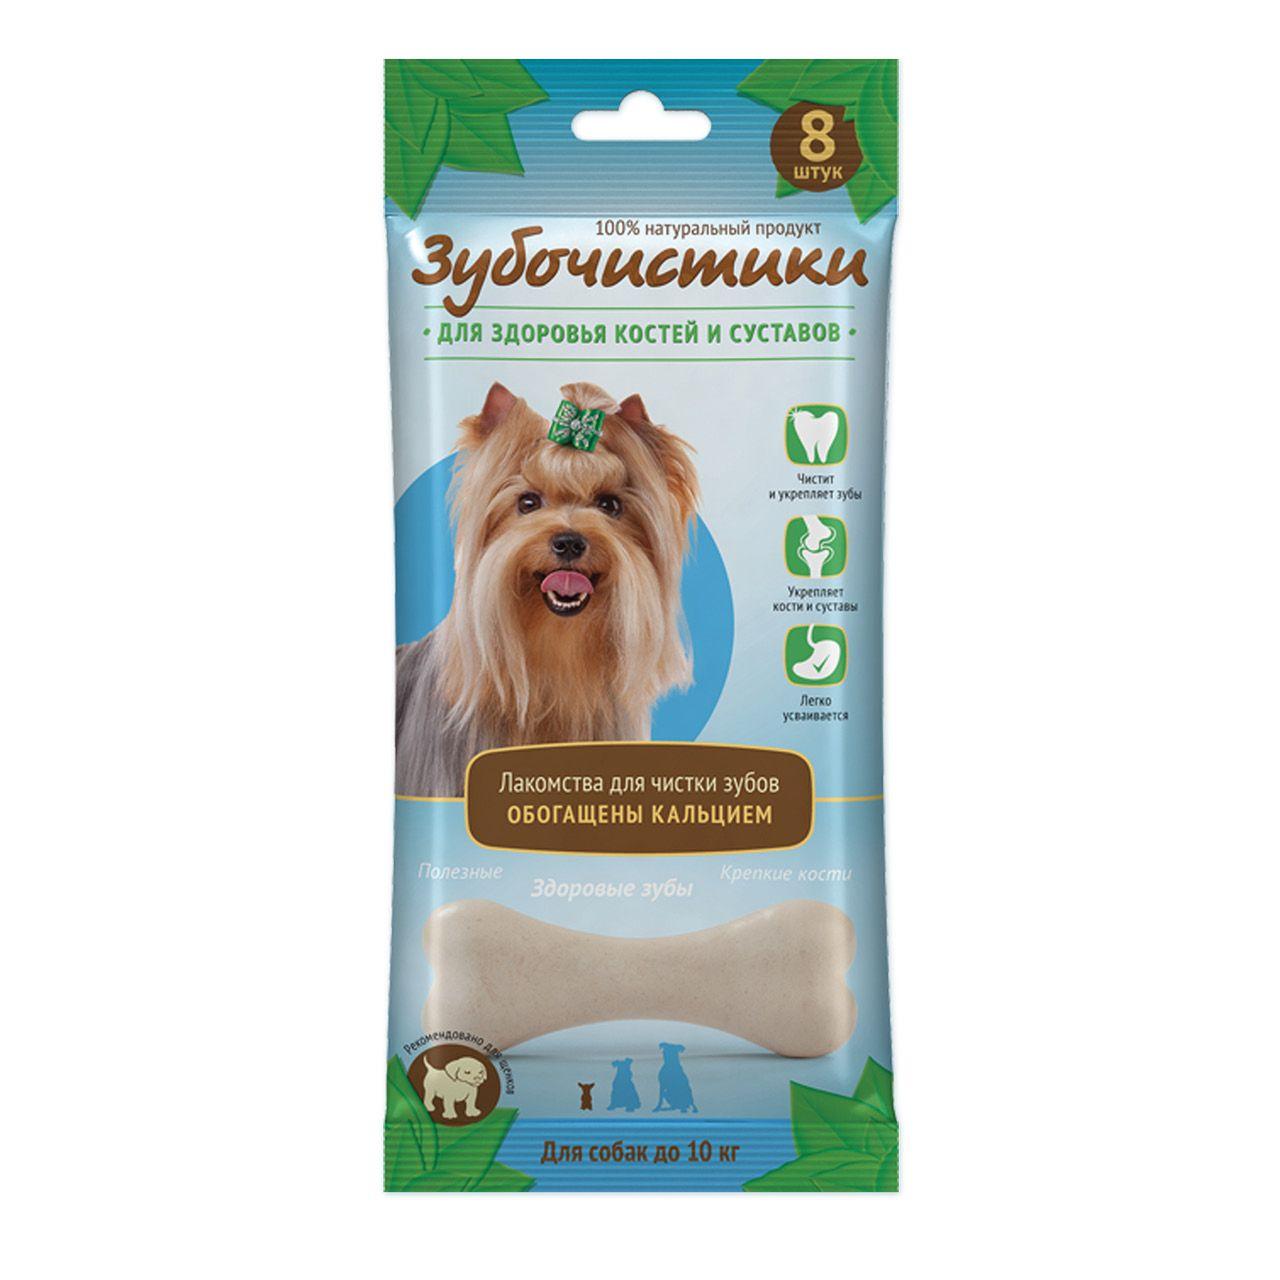 Лакомство Зубочистики Кальциевые с кальцием для собак мелких пород